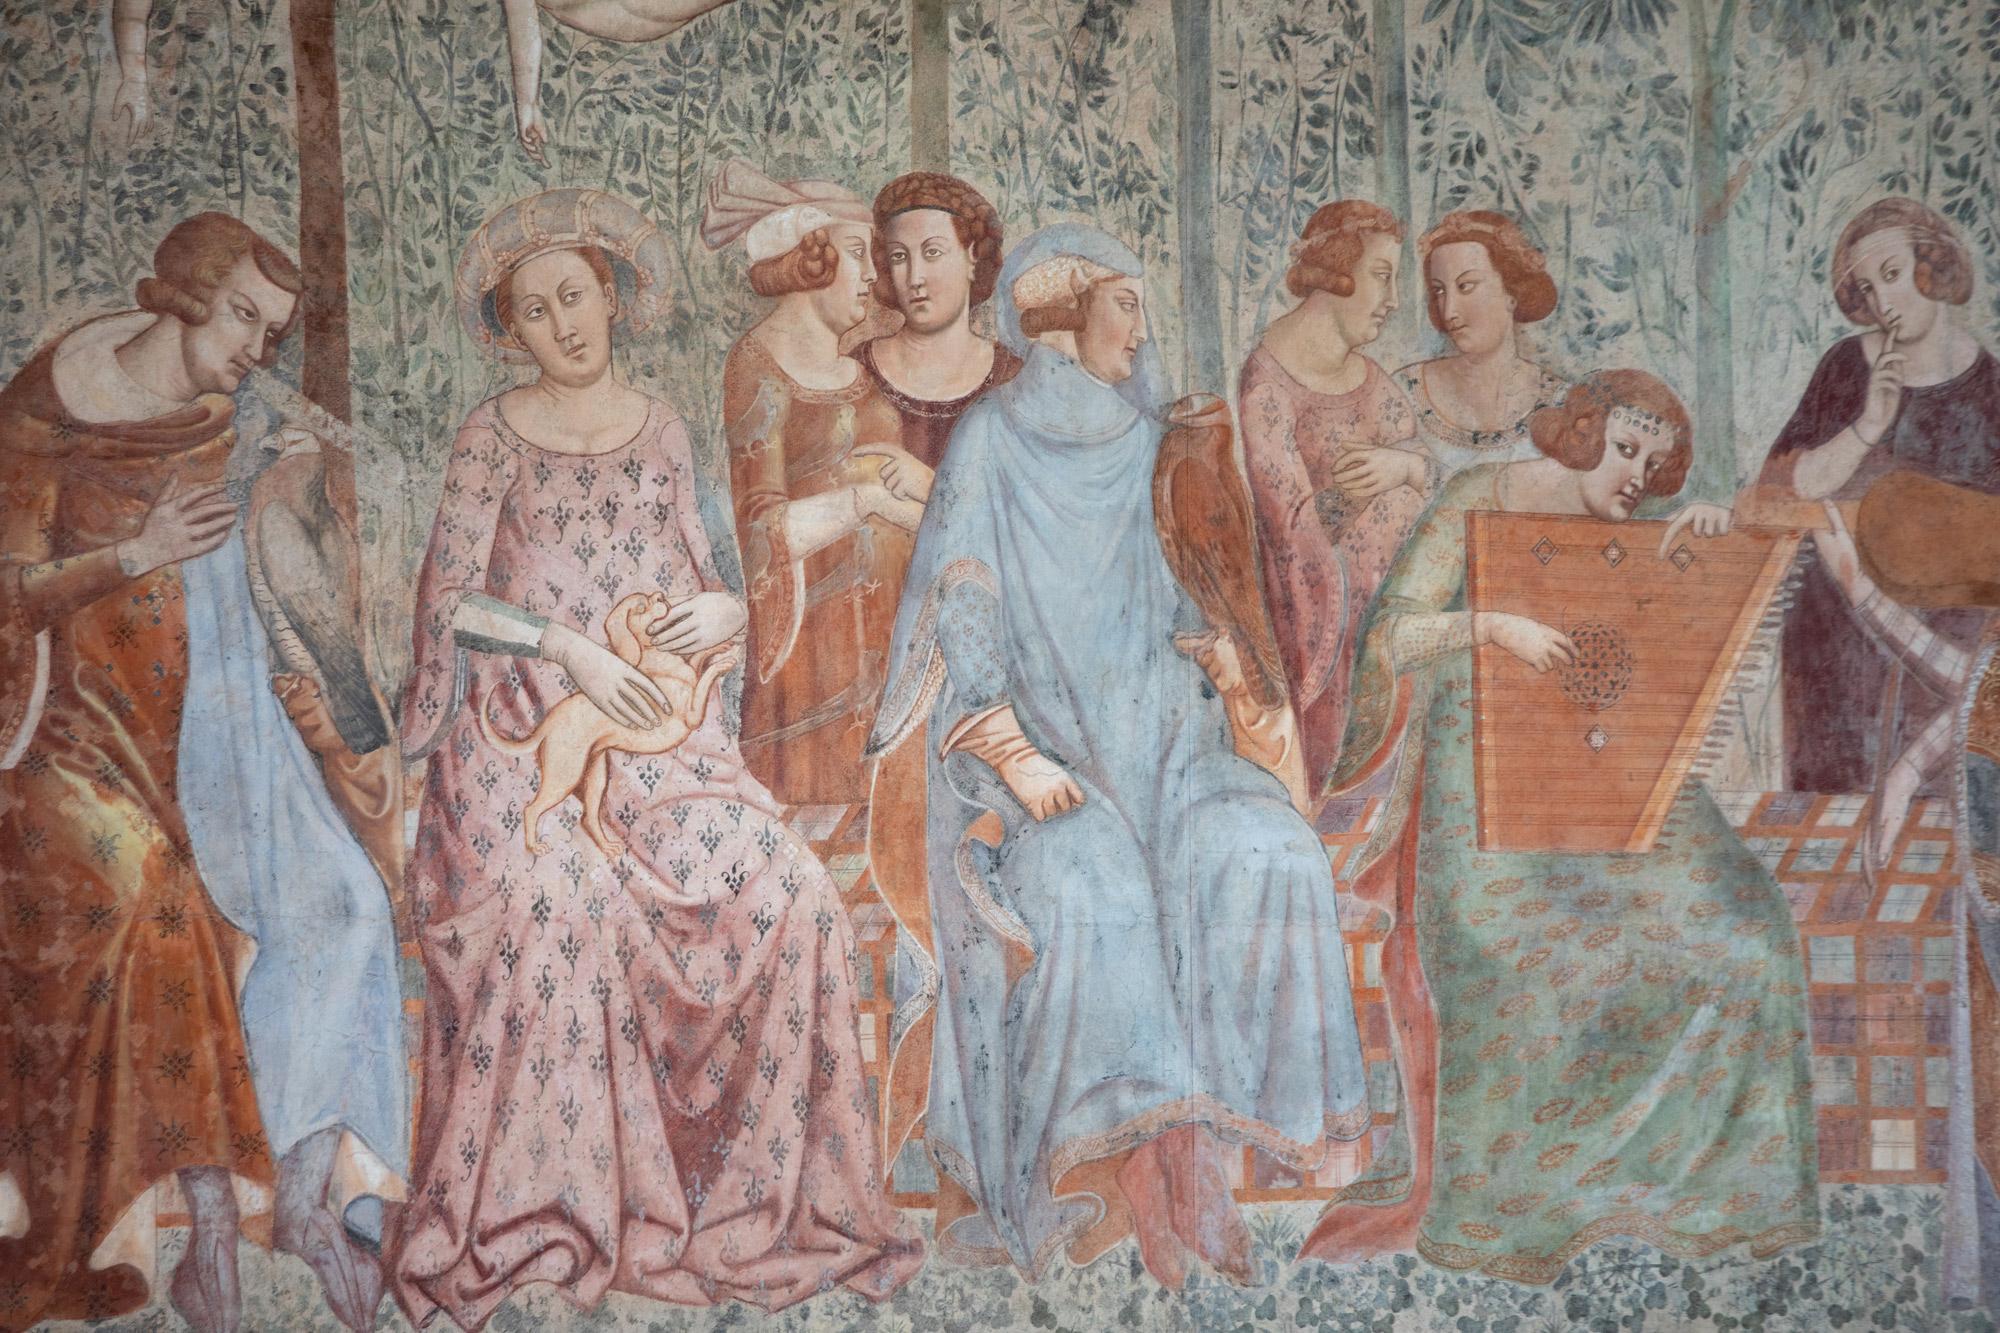 Bonamico Buffalmacco, Trionfo della Morte, dettaglio del giardino d'amore